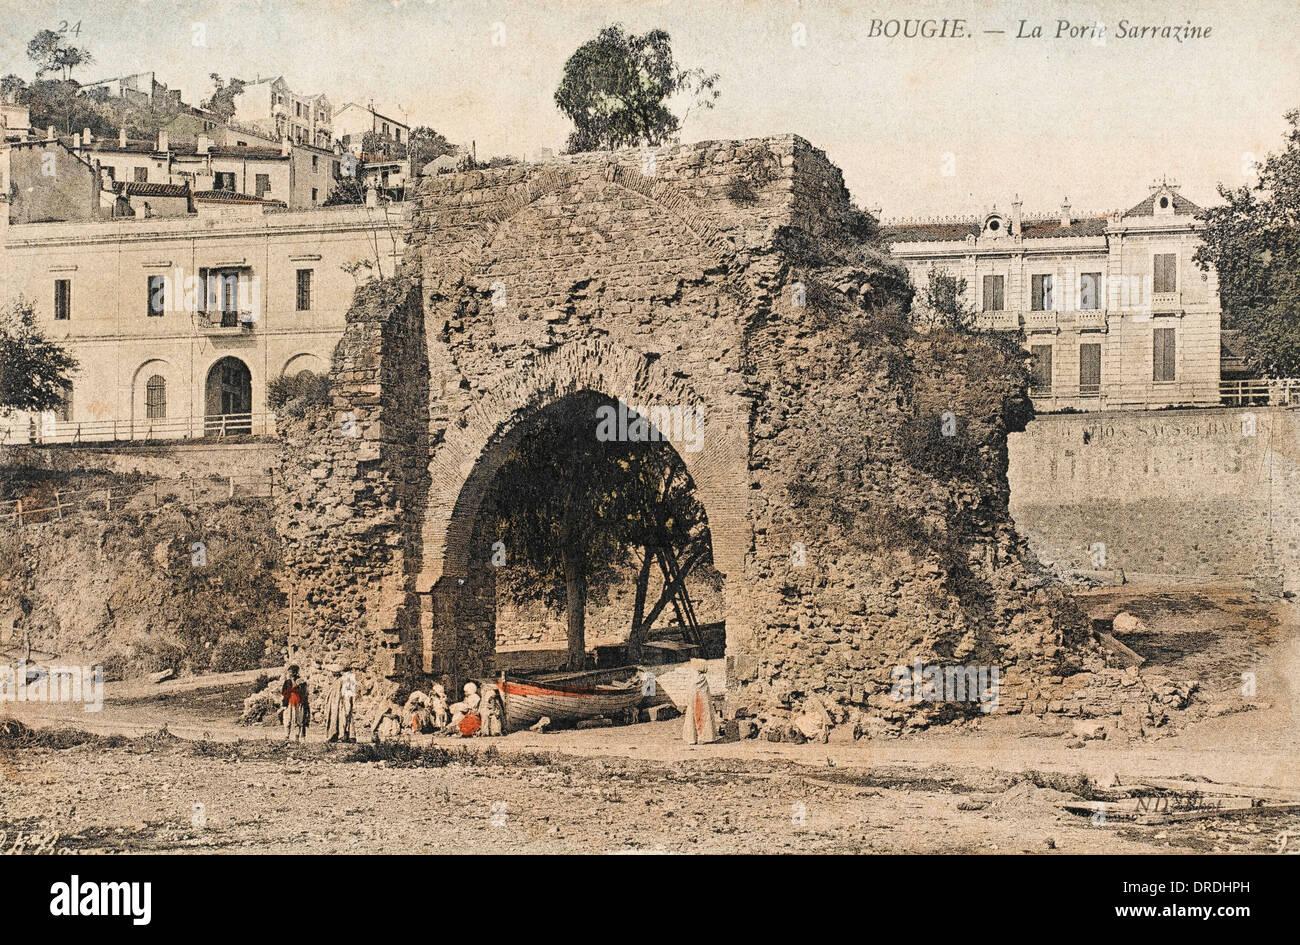 The Bab al-Bahr (Gate of the Sea) - Bejaia, Algeria Stock Photo